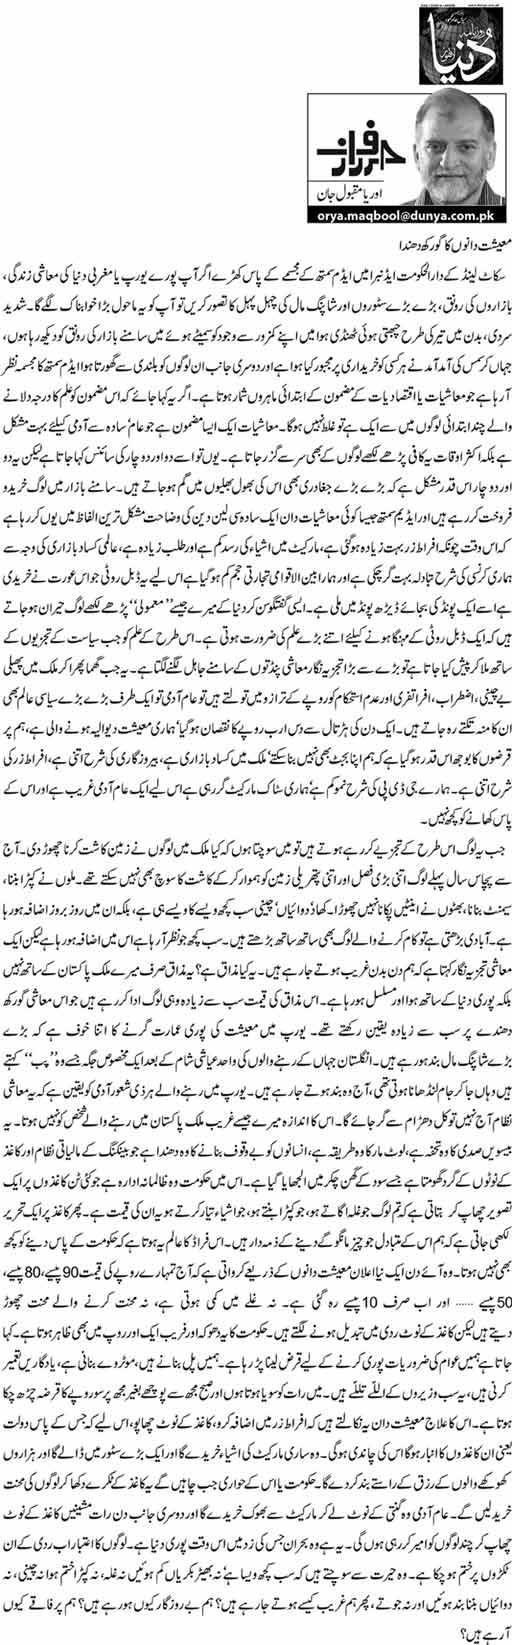 Maiyshat danoon ka gorakh dhanda - Orya Maqbool Jan